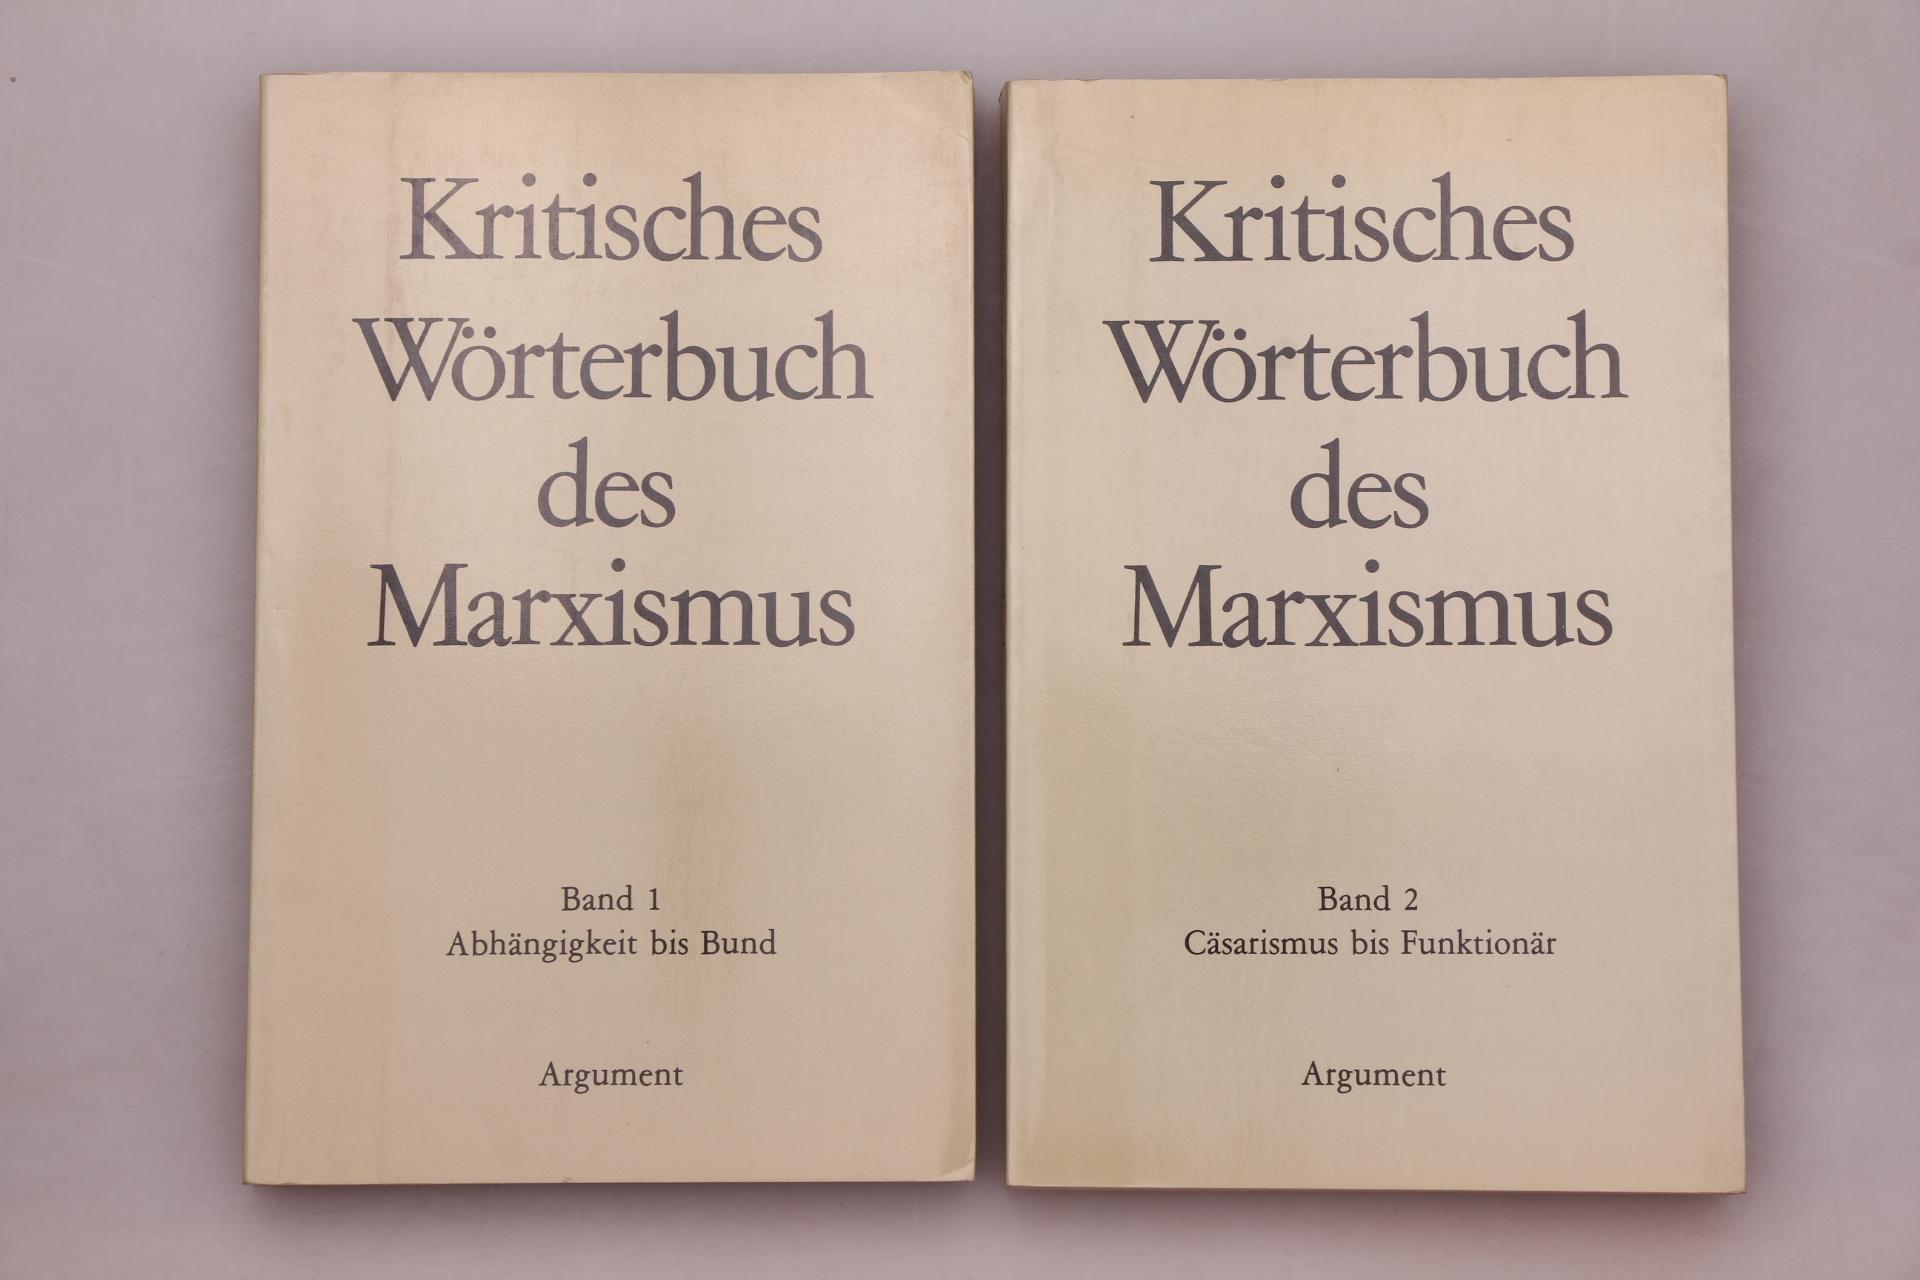 KRITISCHES WÖRTERBUCH DES MARXISMUS